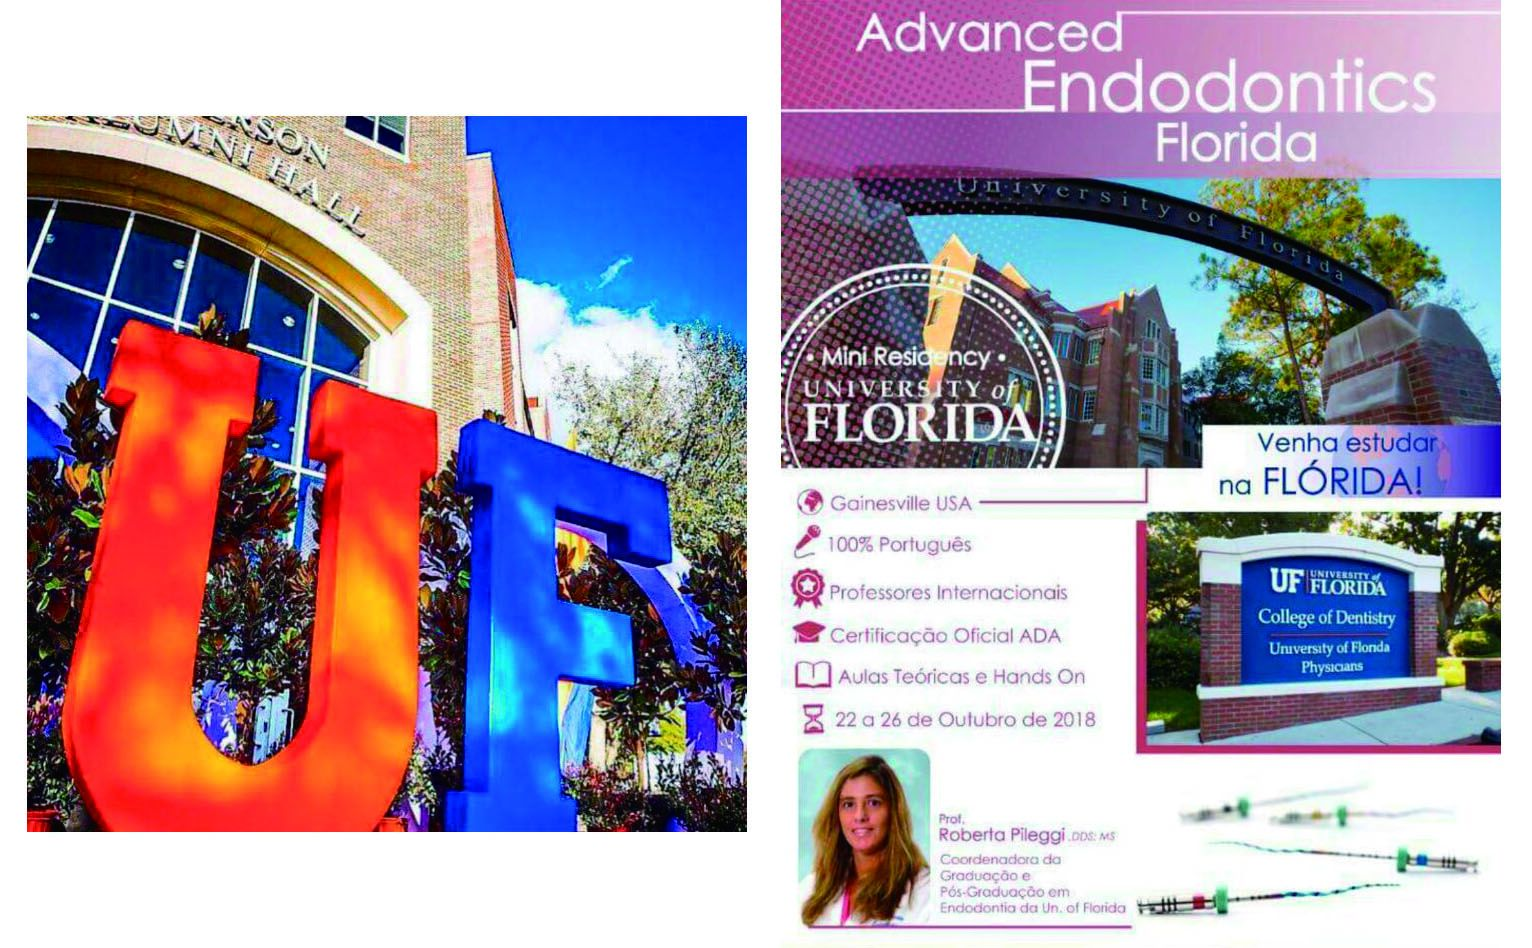 Residência na Universidade da Flórida